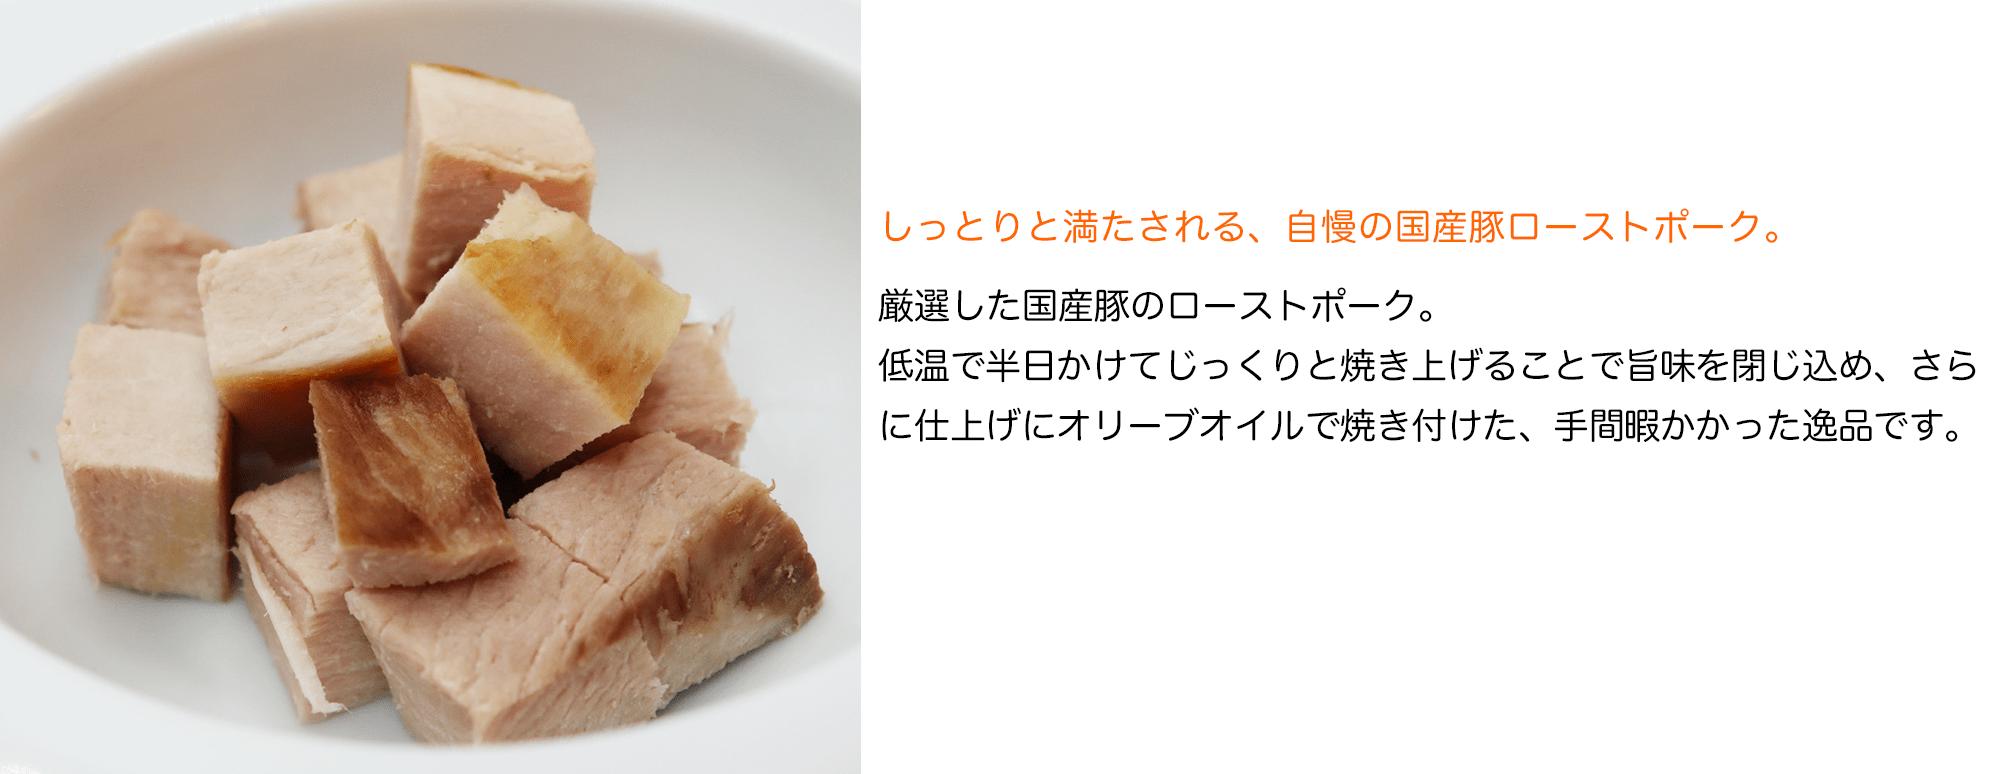 特製国産豚ローストポーク